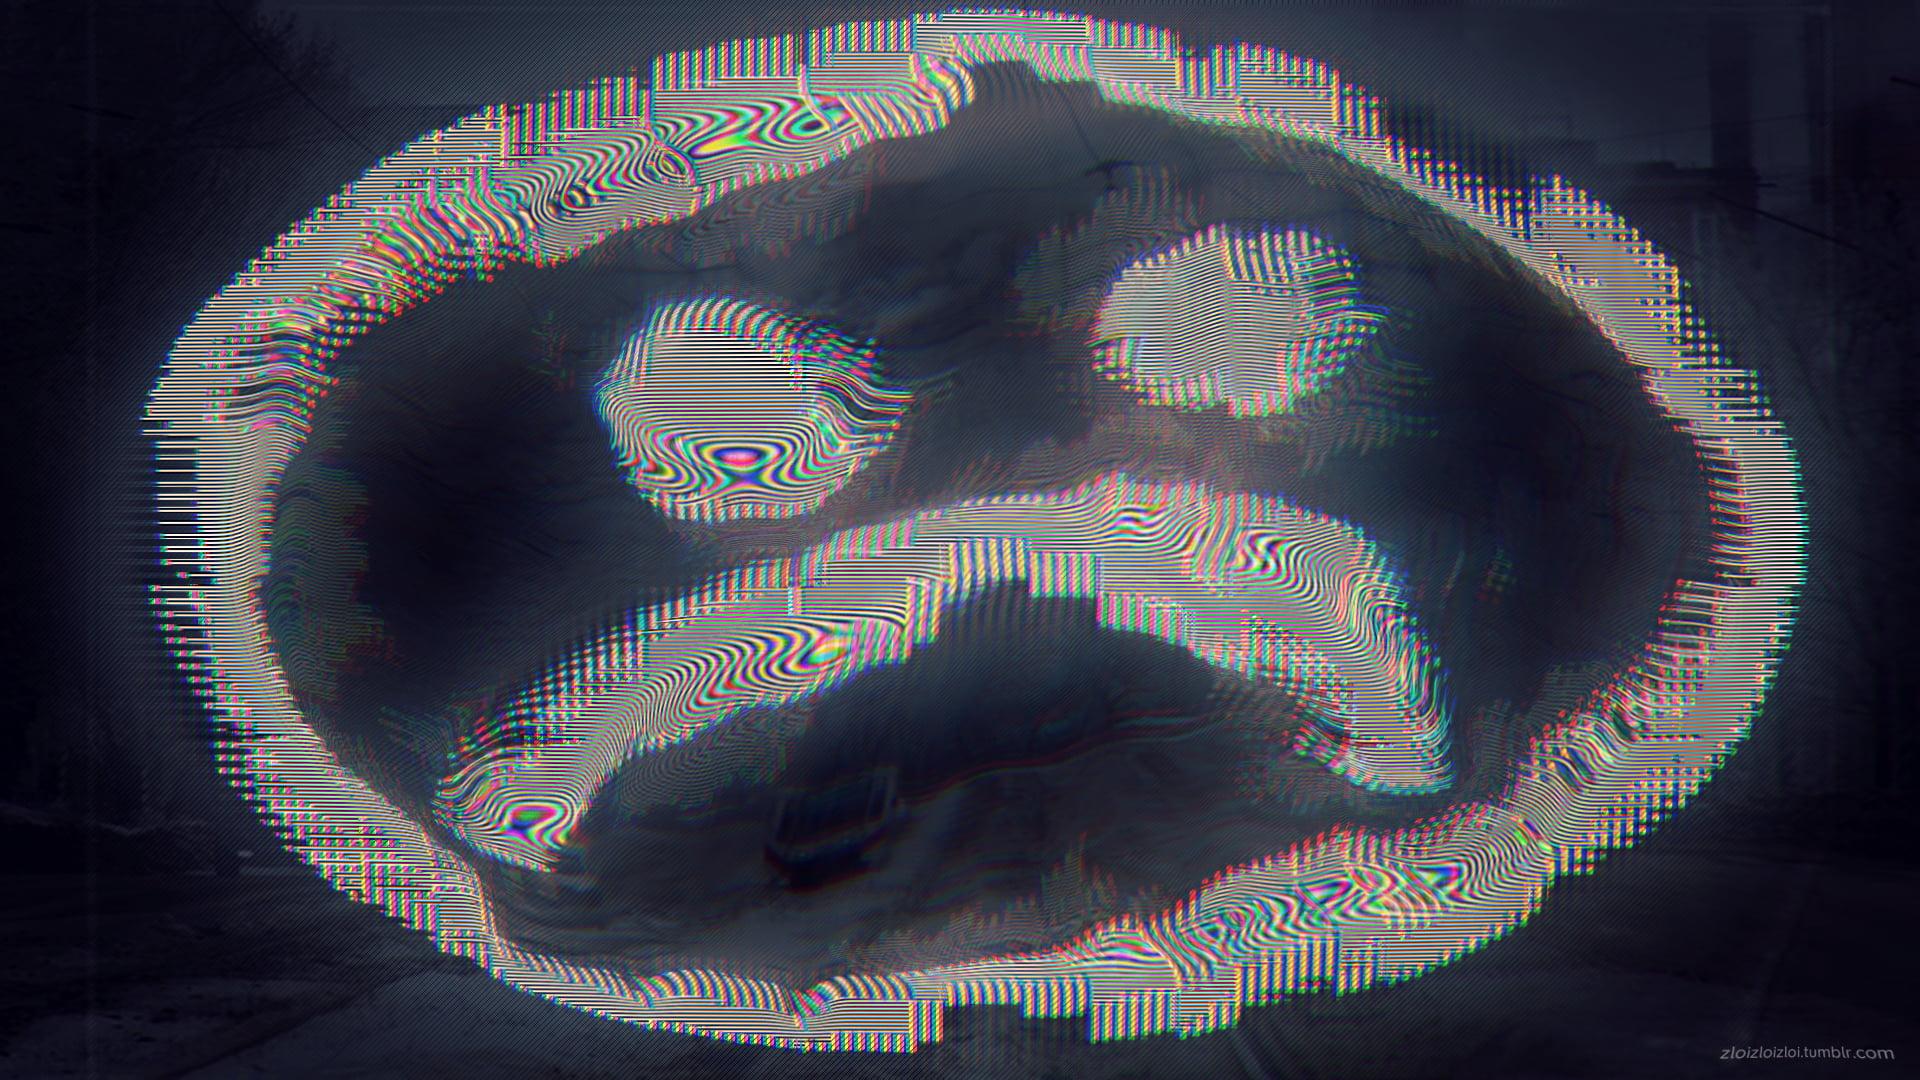 Imagenes Sad Lsd 1920x1080 Wallpaper Teahub Io